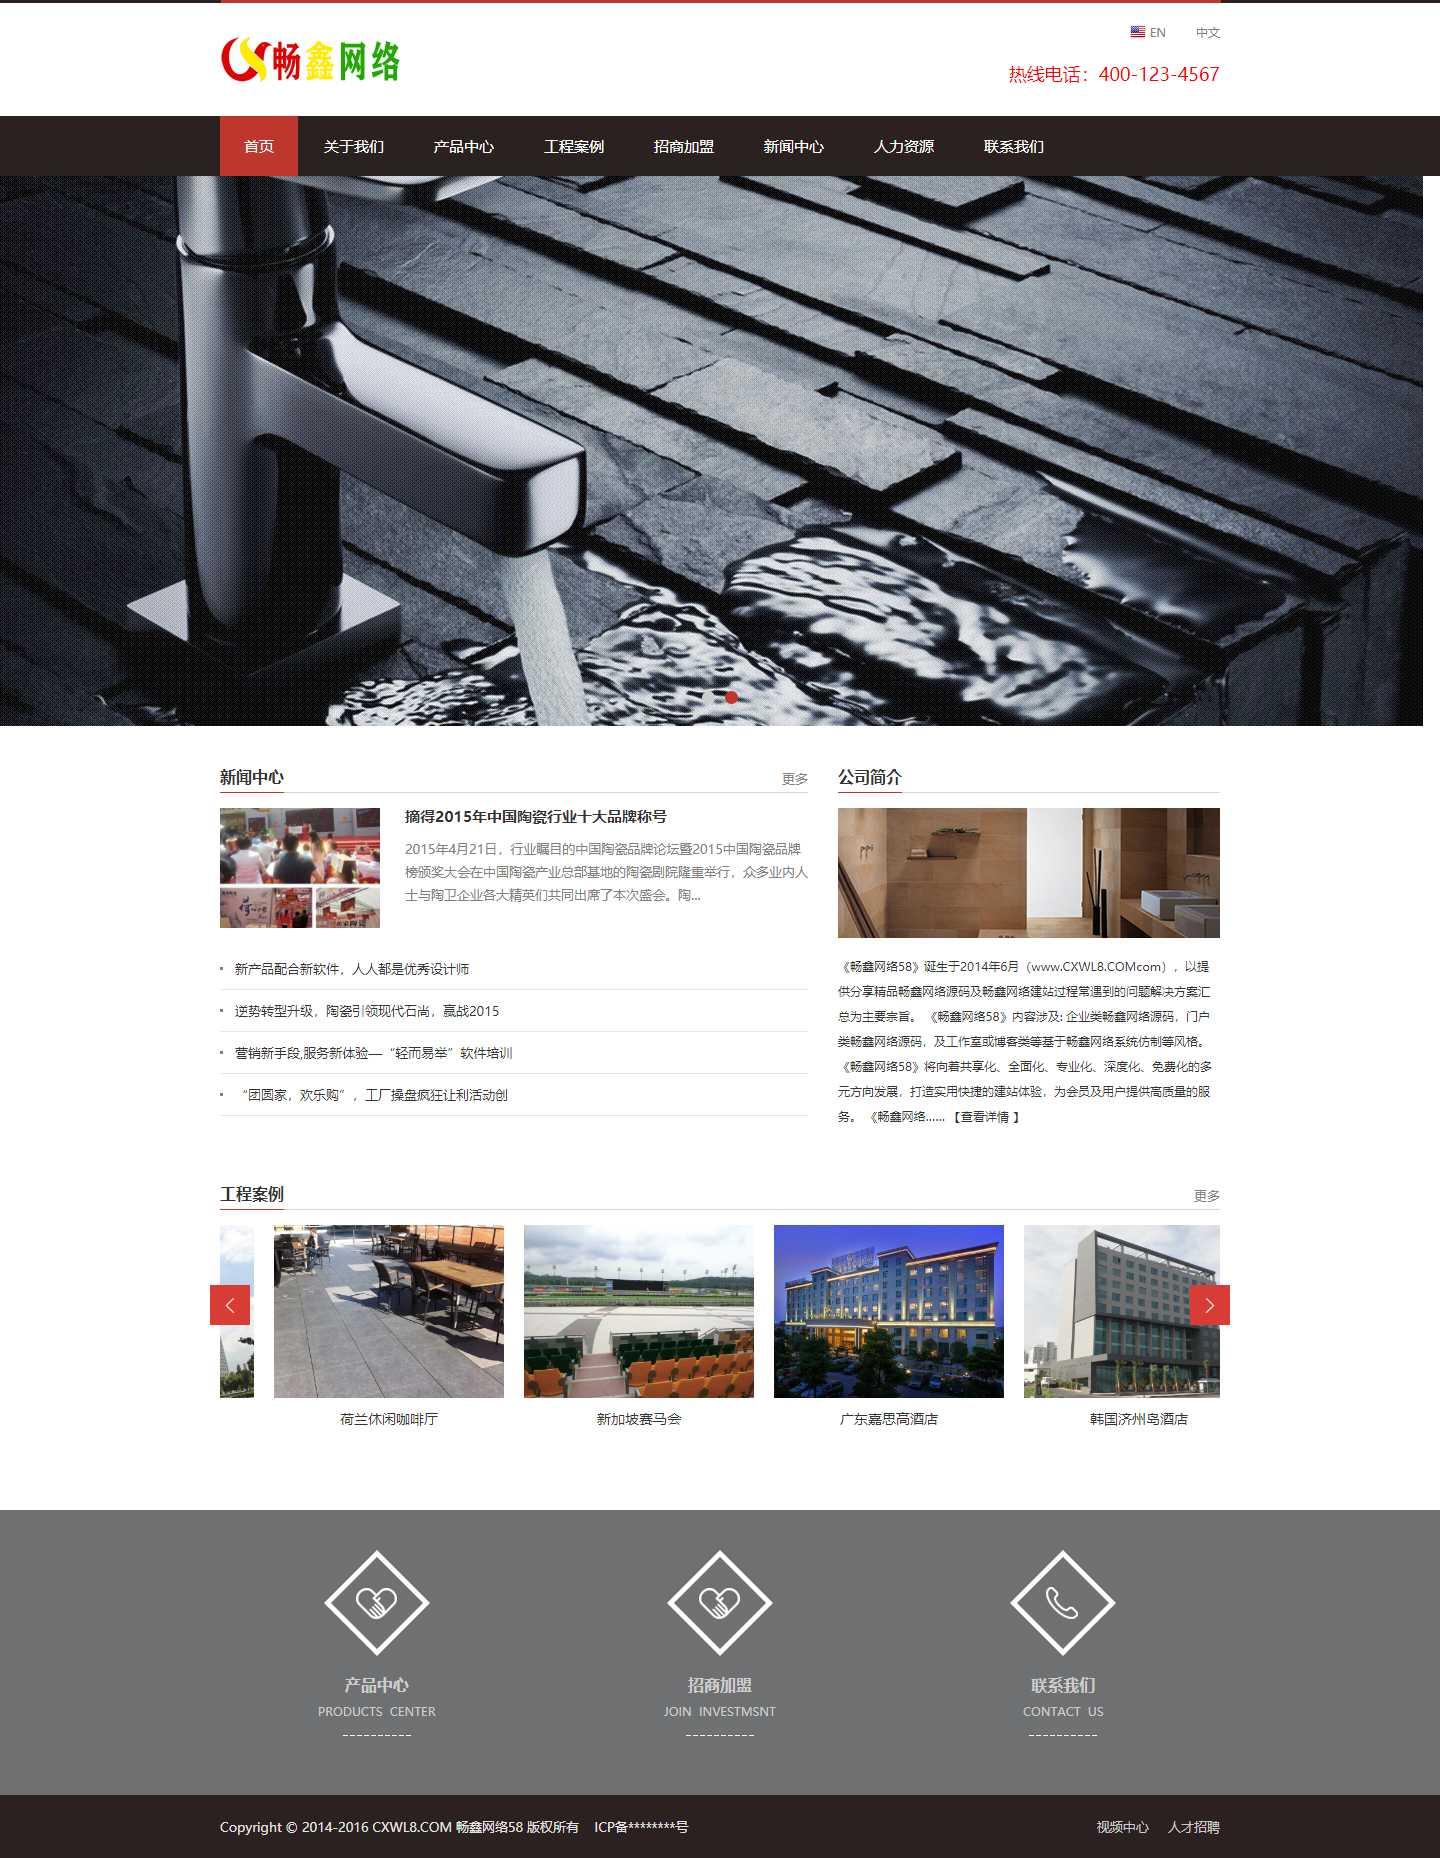 【J032】中英双语装修建材类网站模板